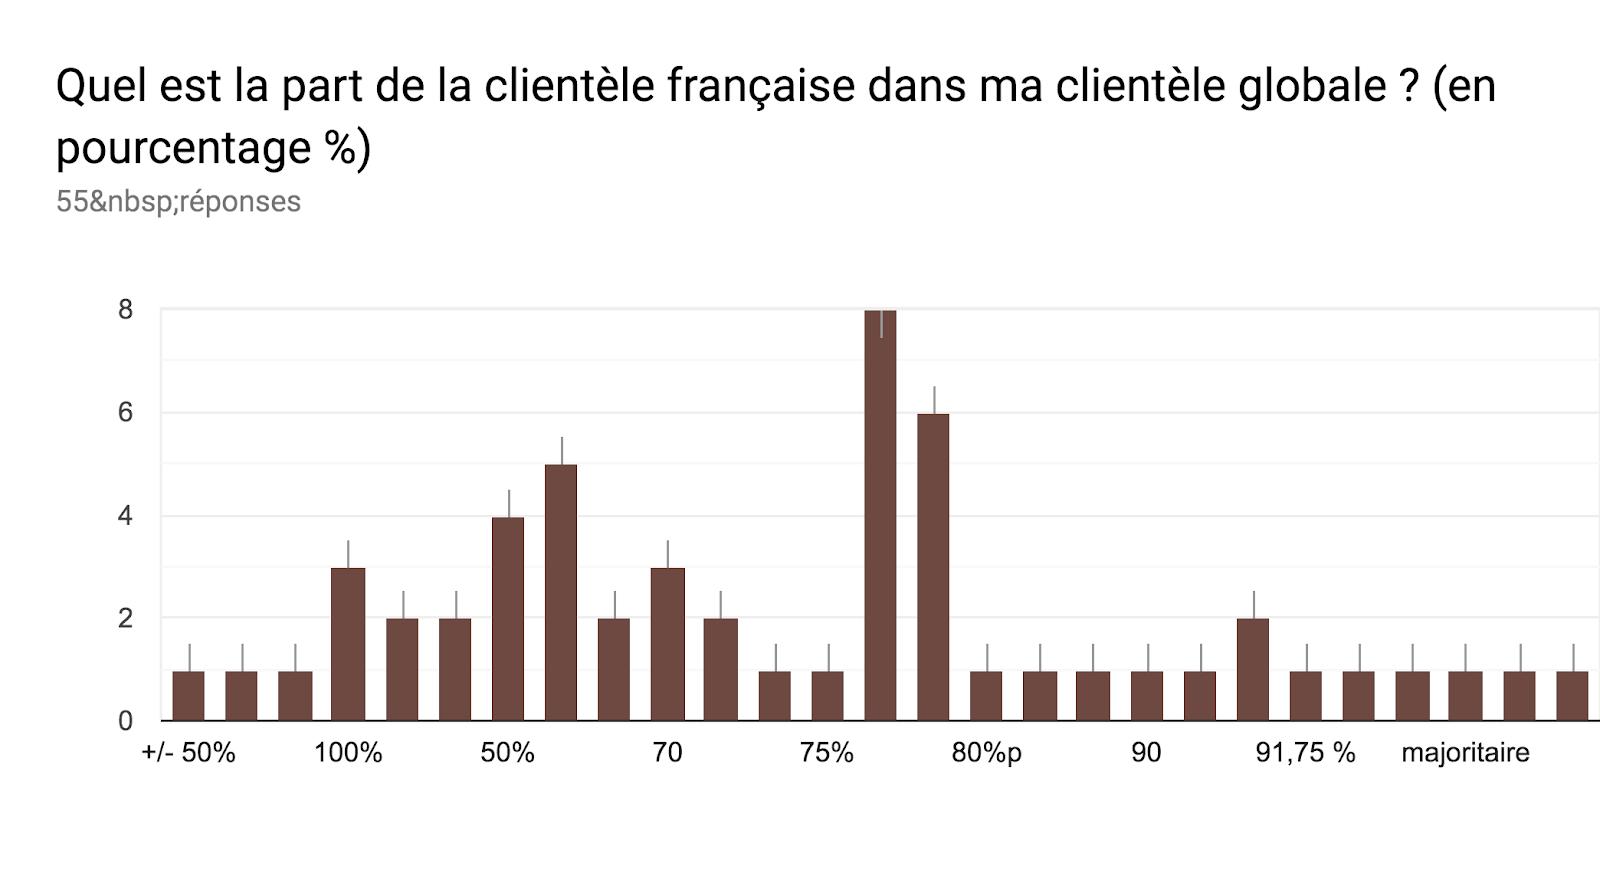 Tableau des réponses au formulaire Forms. Titre de la question: Quel est la part de la clientèle française dans ma clientèle globale ? (en pourcentage %). Nombre de réponses: 55réponses.